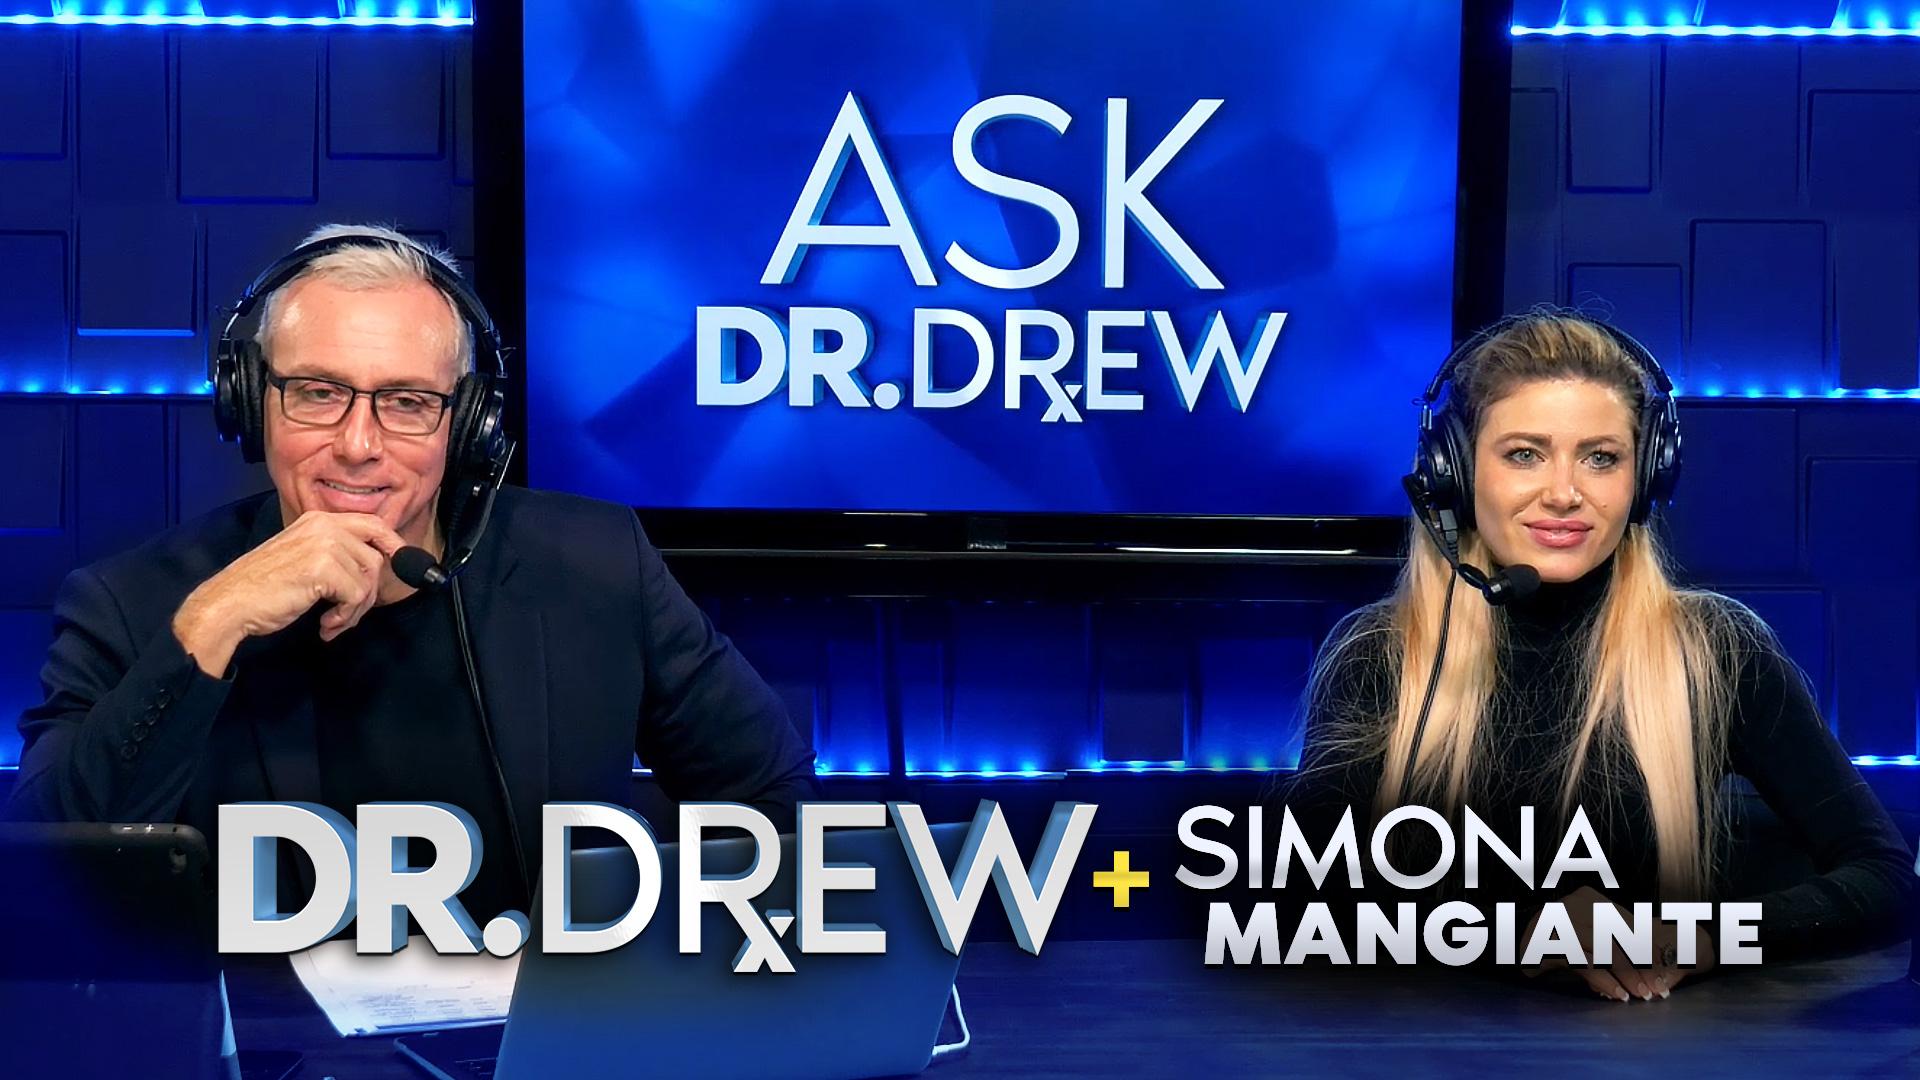 Simona Mangiante on Ask Dr. Drew